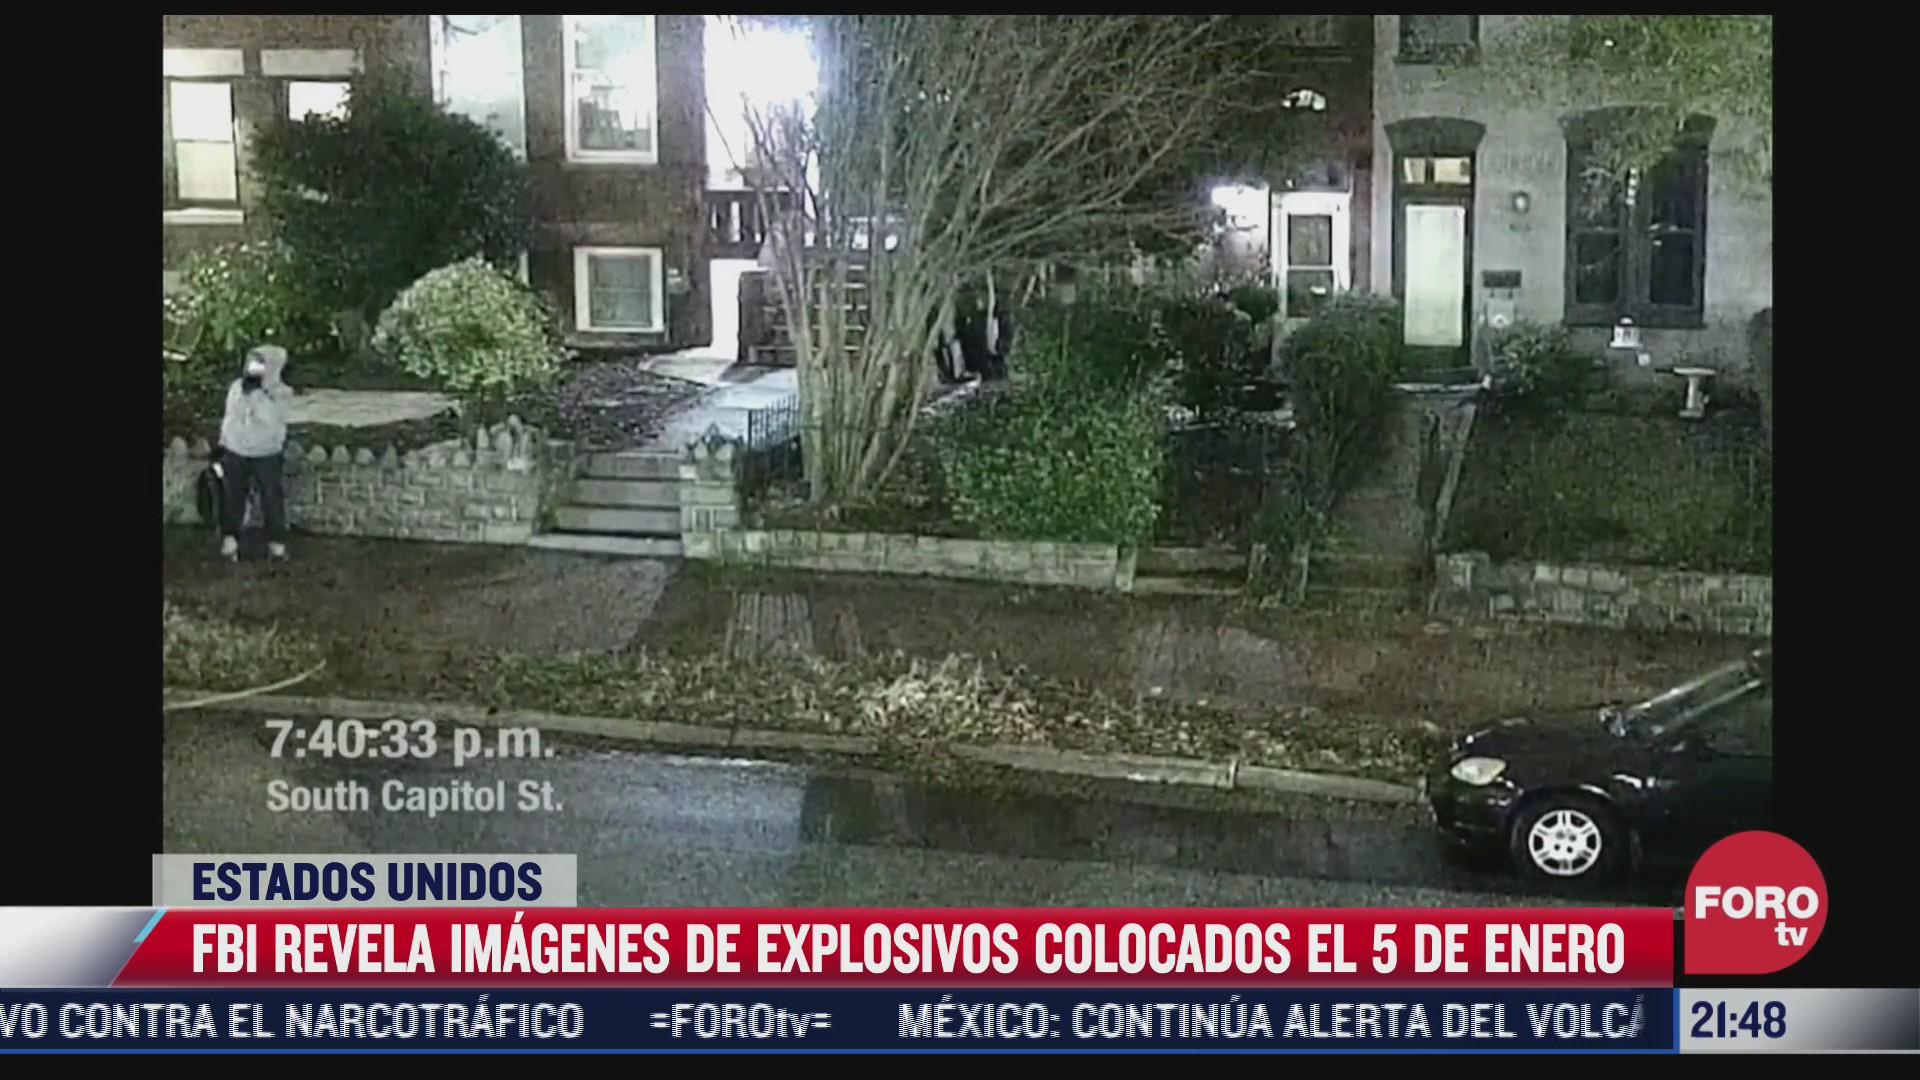 fbi revela imagenes de explosivos colocados en inmediaciones del capitolio de eeuu